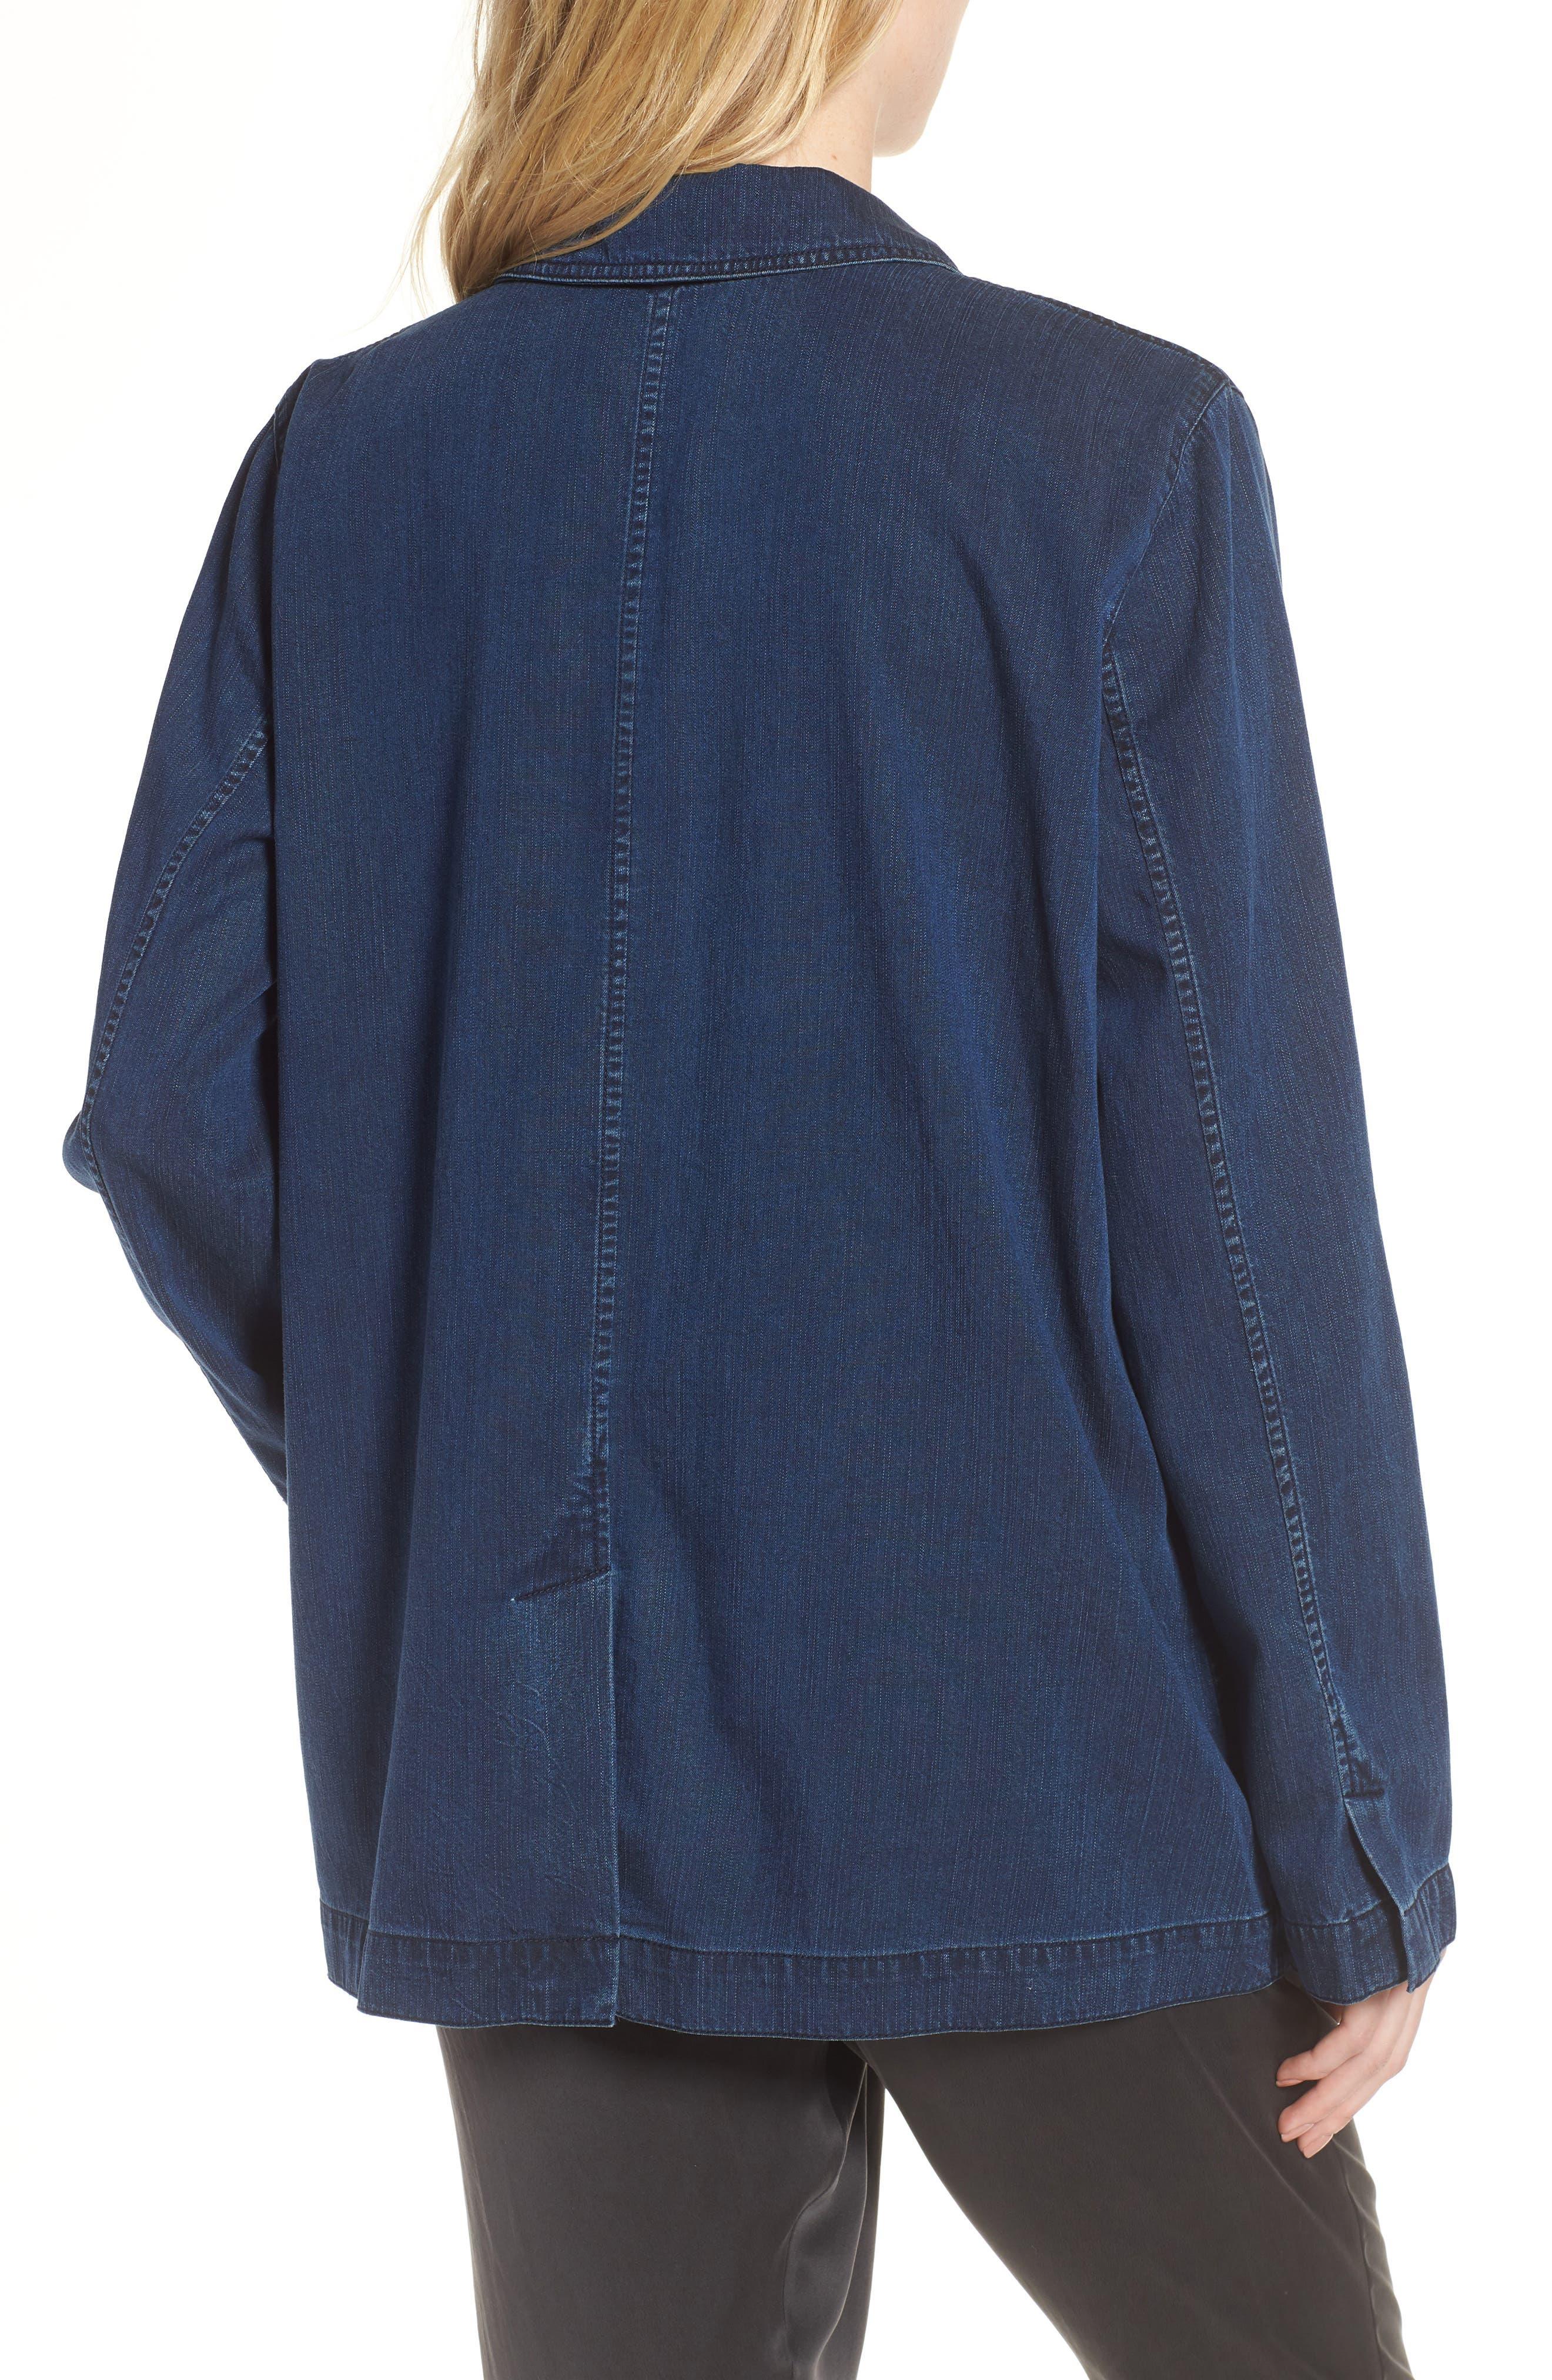 Soft Cotton Blend Denim Jacket,                             Alternate thumbnail 2, color,                             419